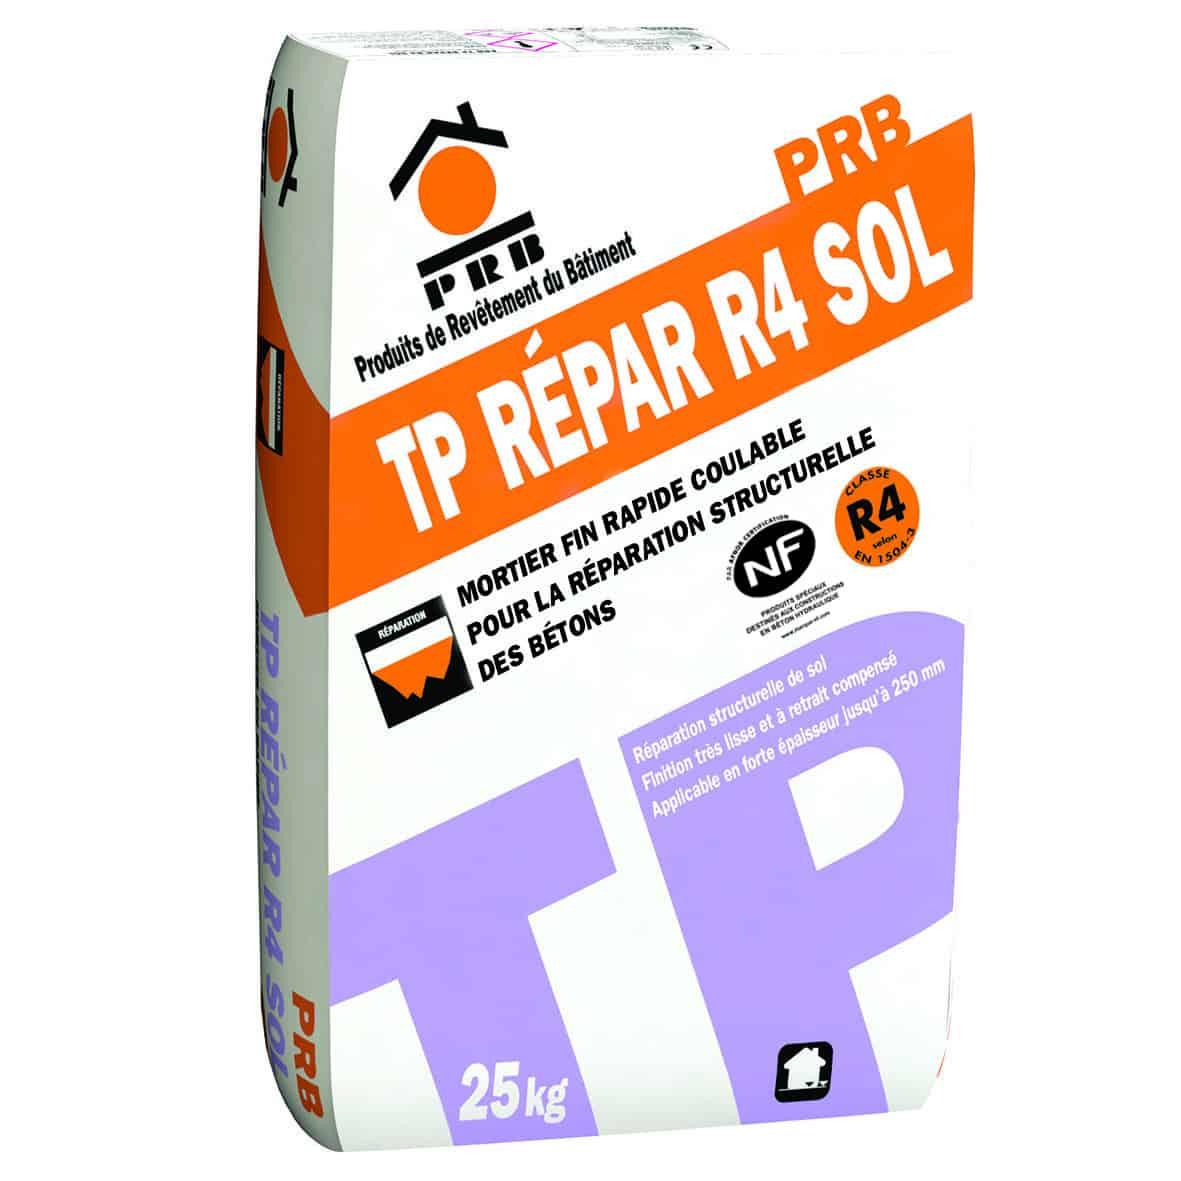 PRB TP REPAR R4 SOL